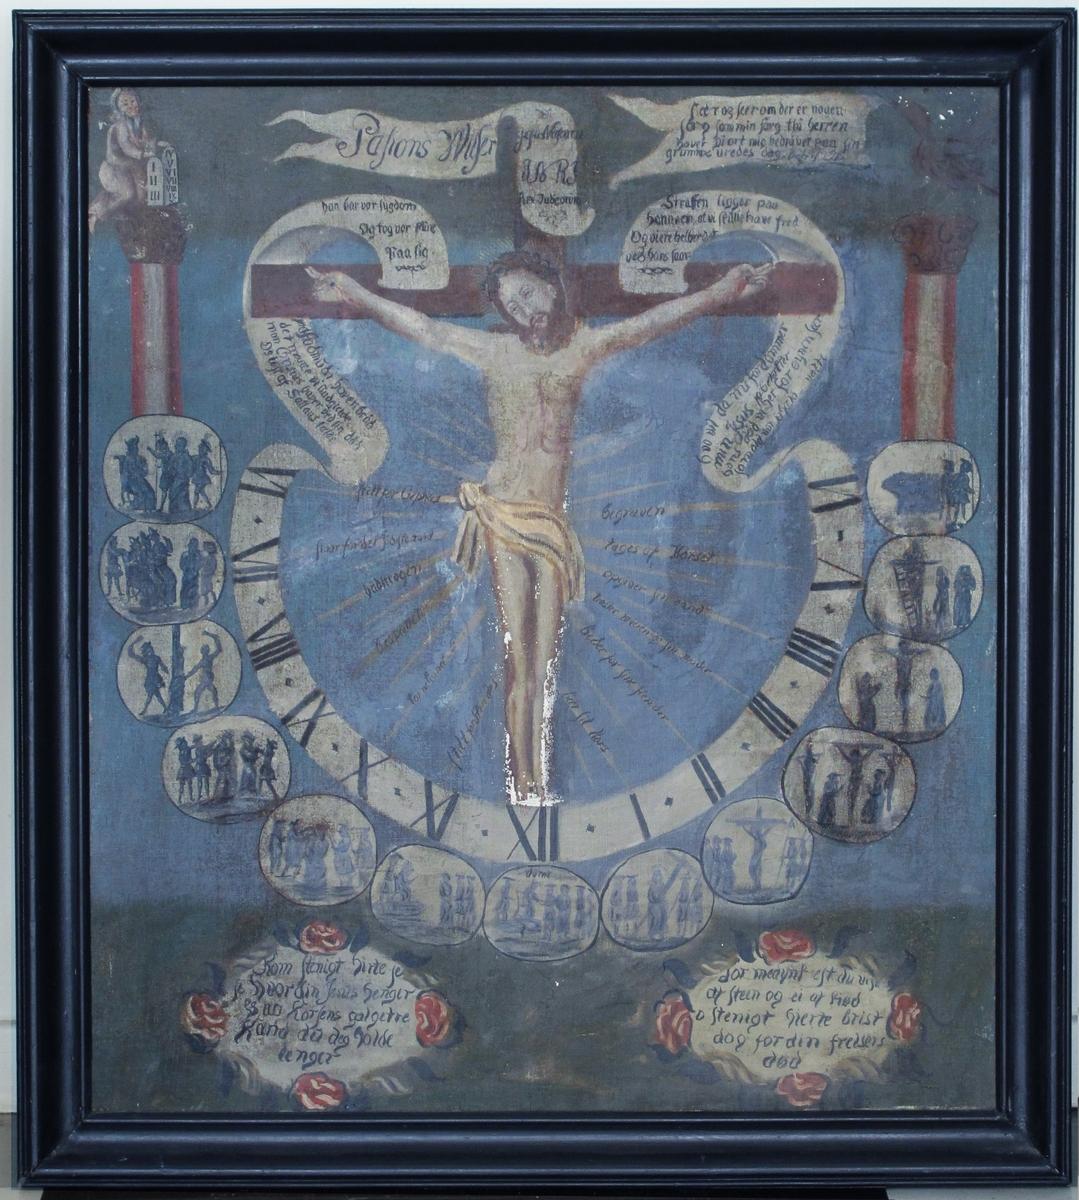 Jesu lidelseshistorie. Jesus på korset, omkranset av markeringer time for time.